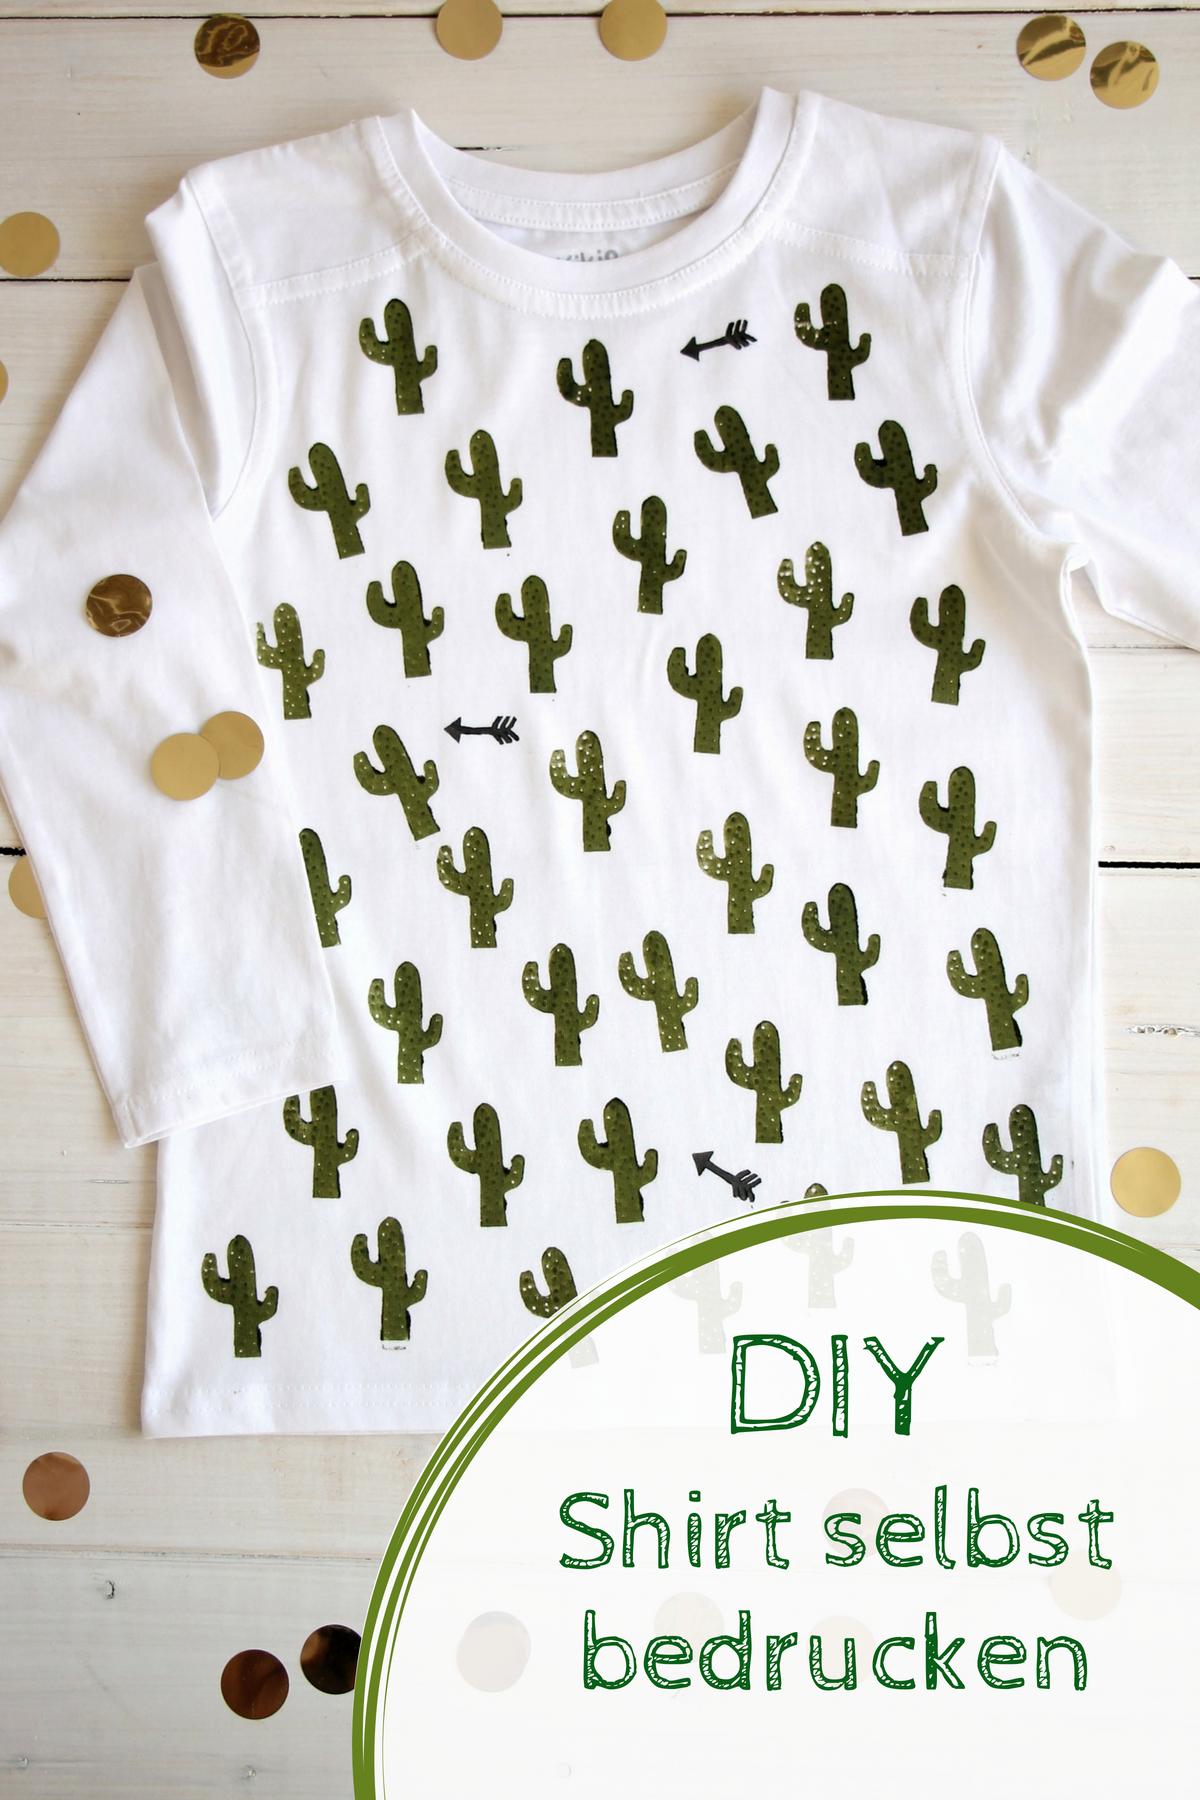 diy moosgummi stempel selber machen und shirts individuell bedrucken diy kinder einfache. Black Bedroom Furniture Sets. Home Design Ideas